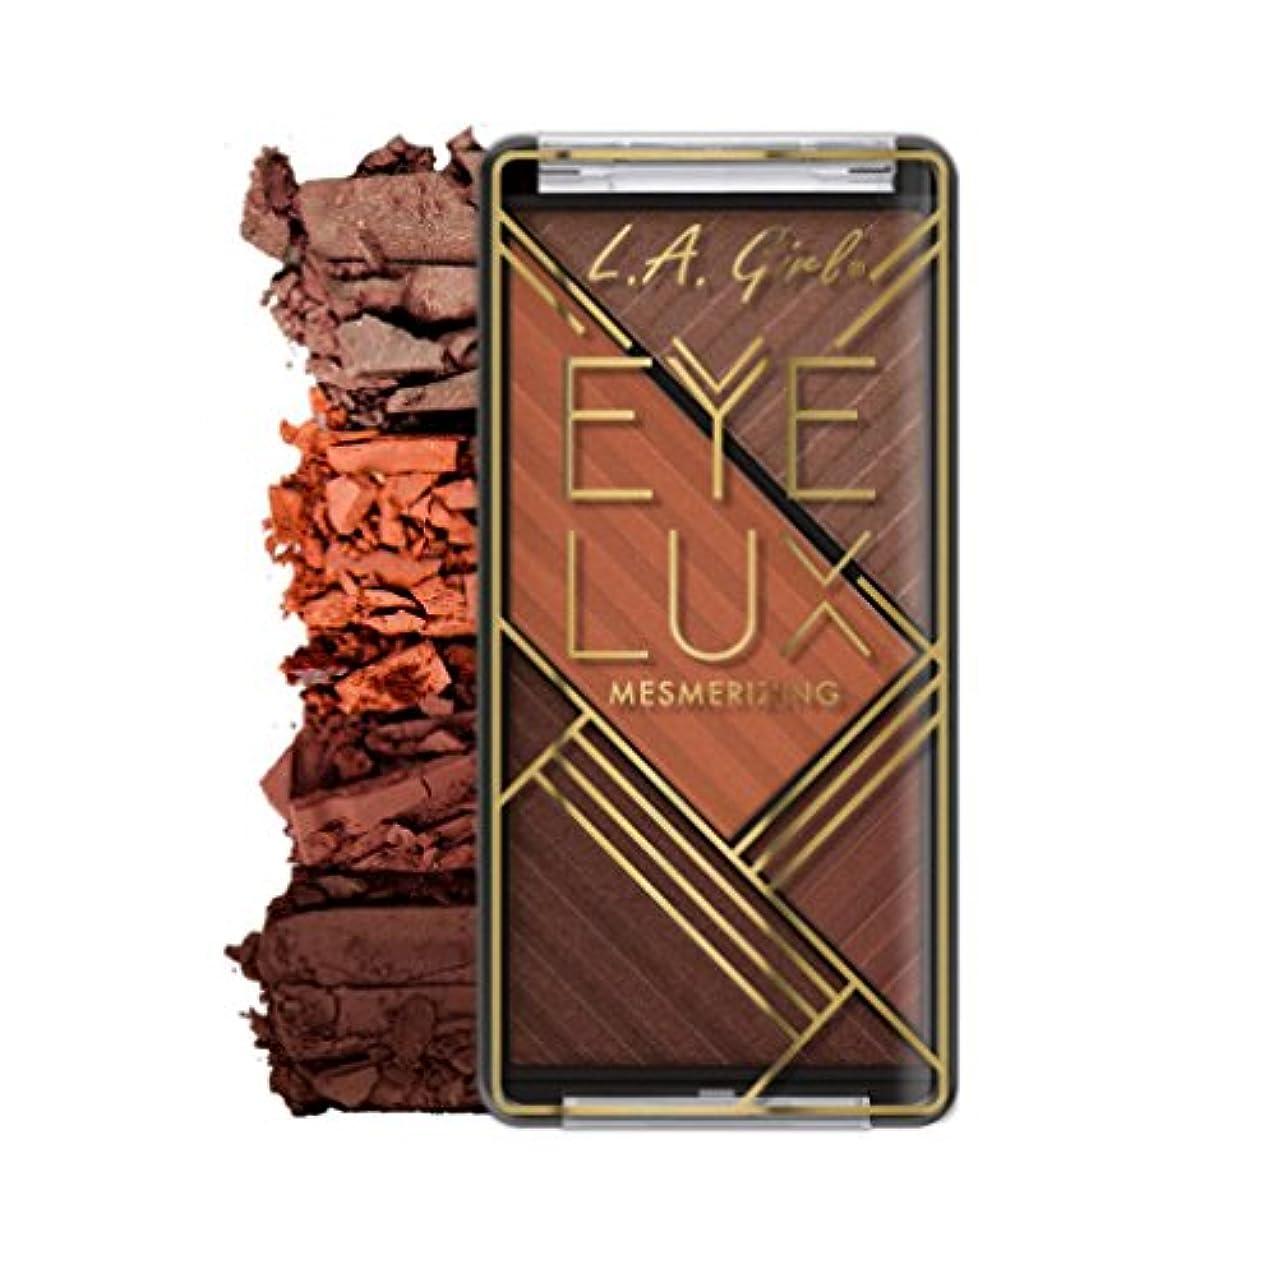 評価可能鼻聡明(3 Pack) L.A. GIRL Eye Lux Mesmerizing Eyeshadow - Energize (並行輸入品)